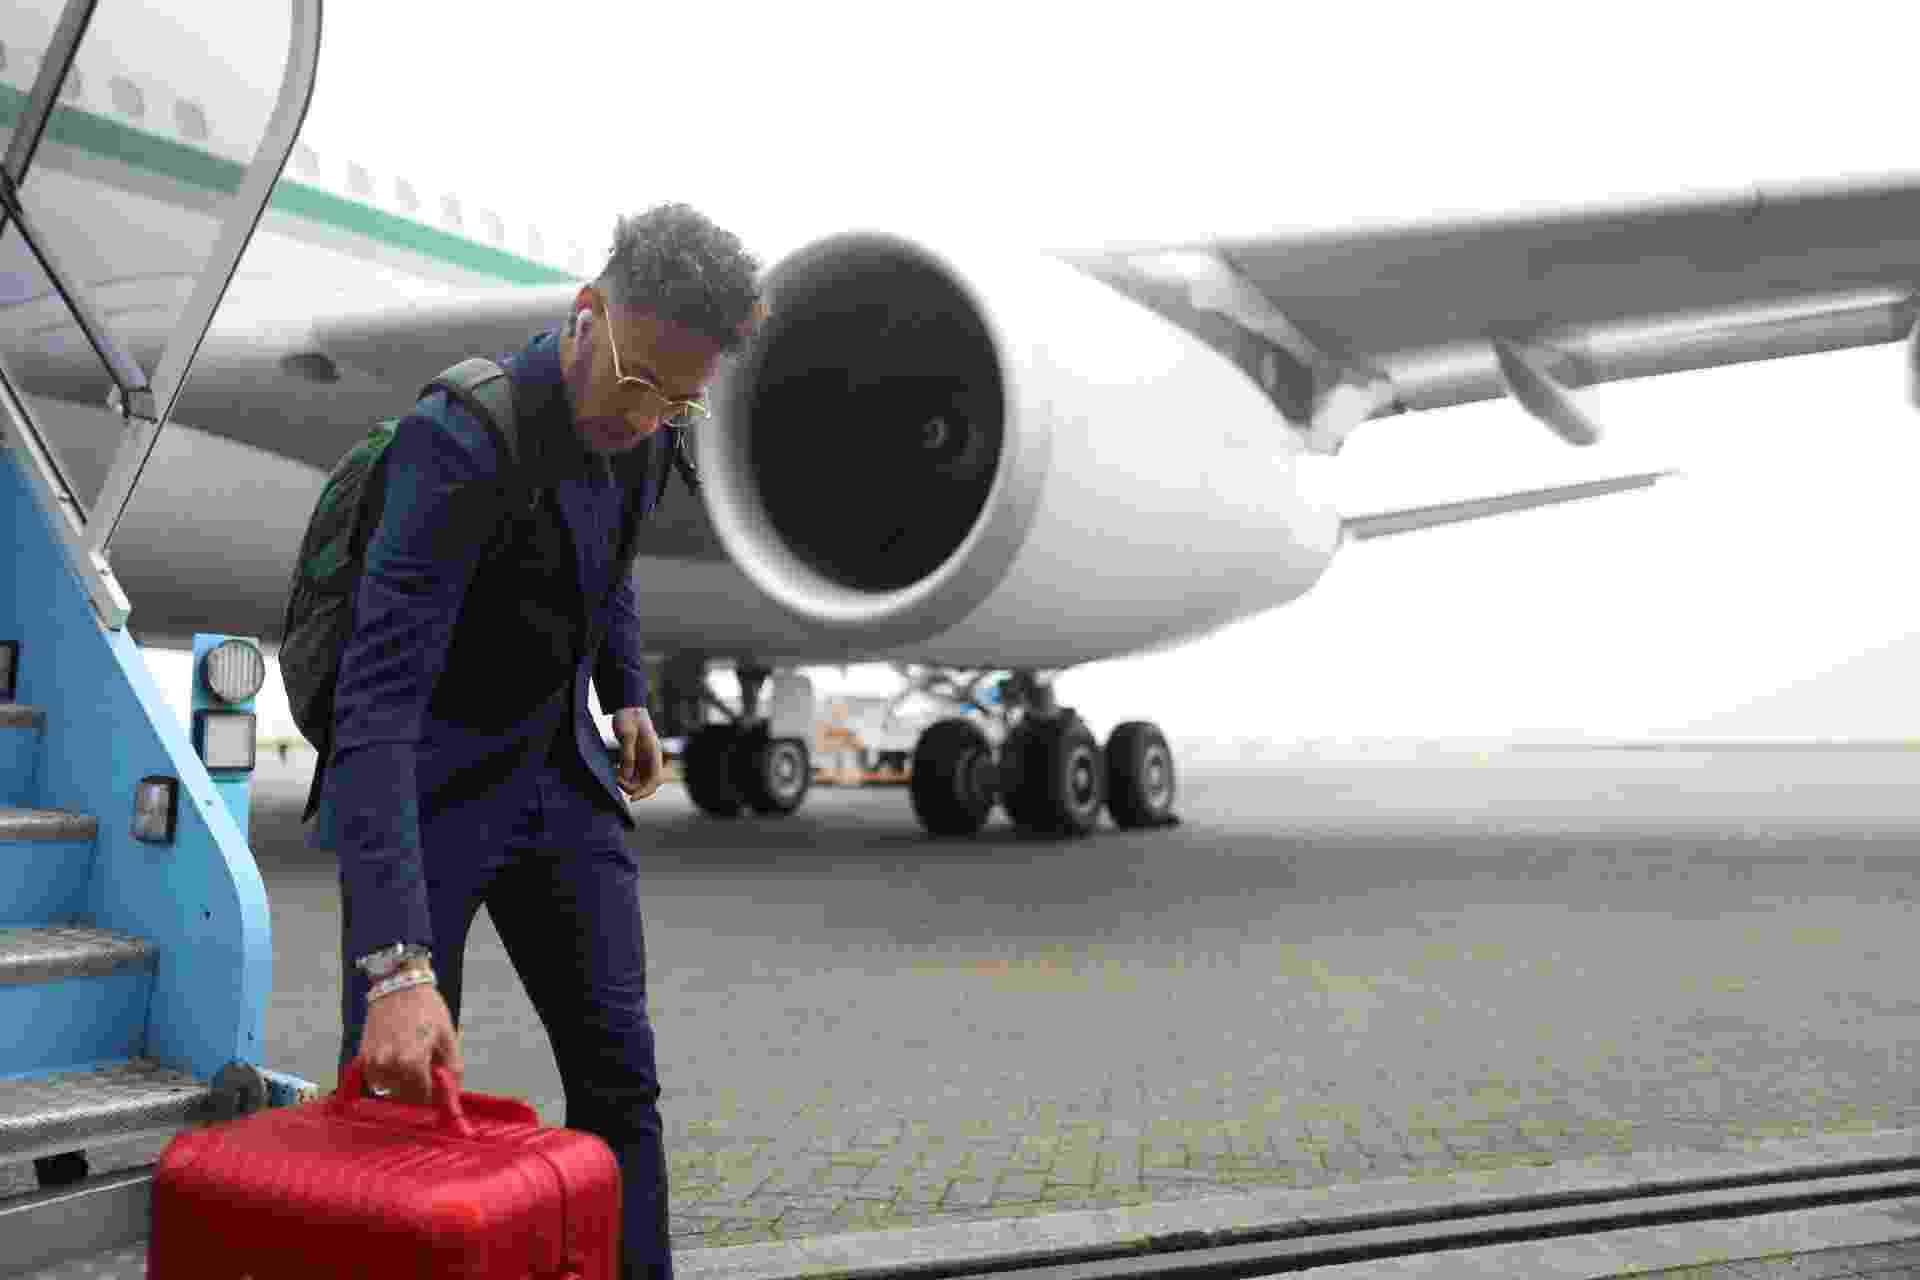 Neymar desembarca em Londres com a seleção brasileira - Lucas Figueiredo/CBF